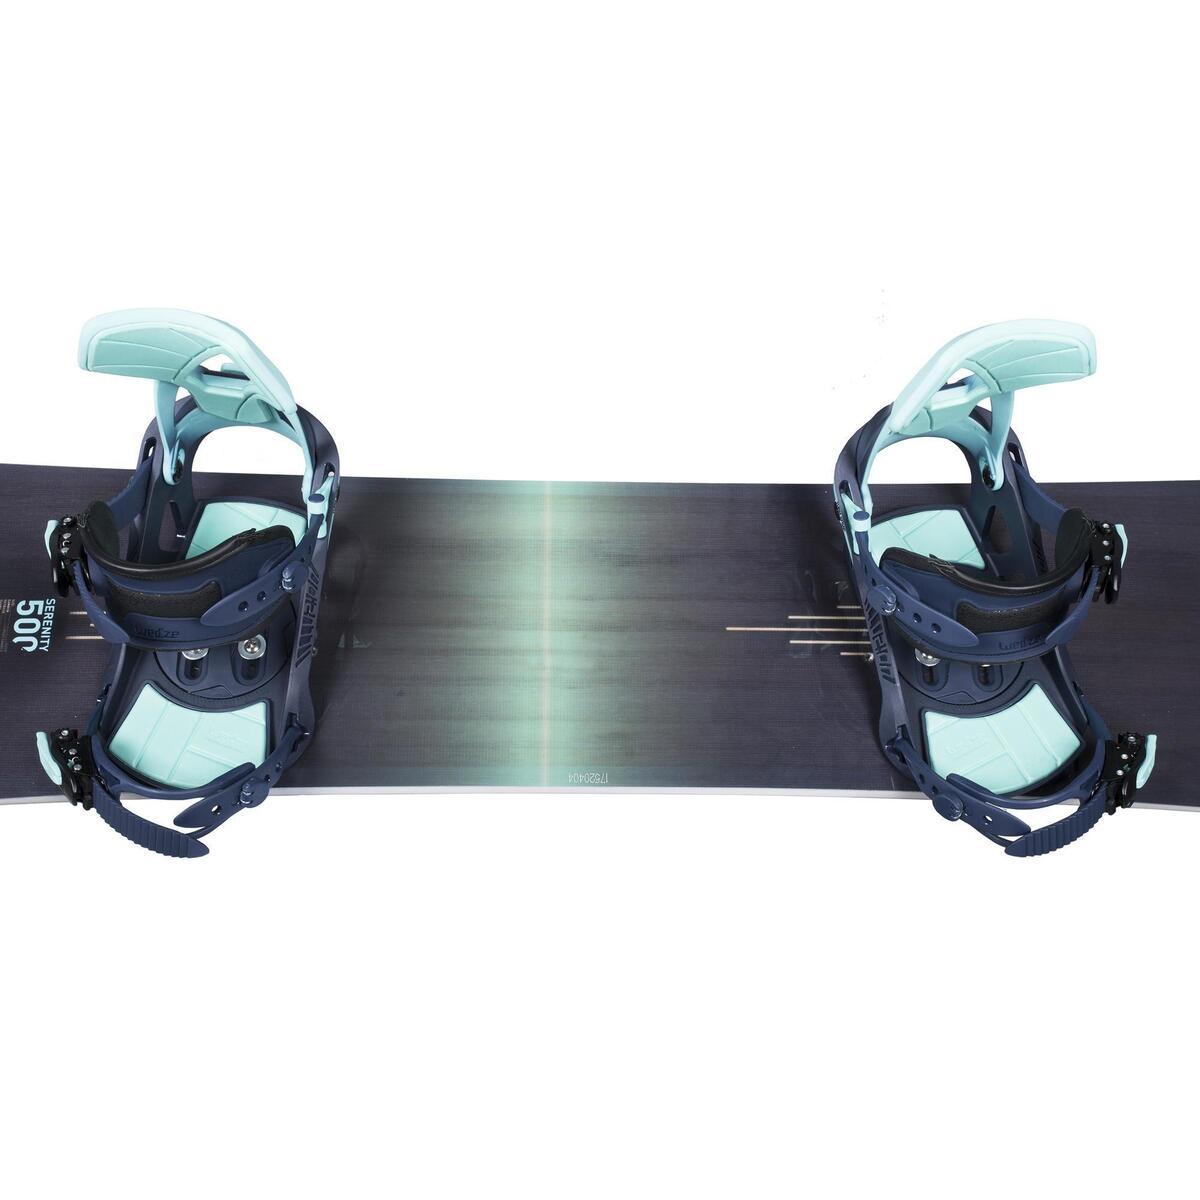 Bild 3 von Snowboard-Set Piste & Freeride Serenity 500 Damen